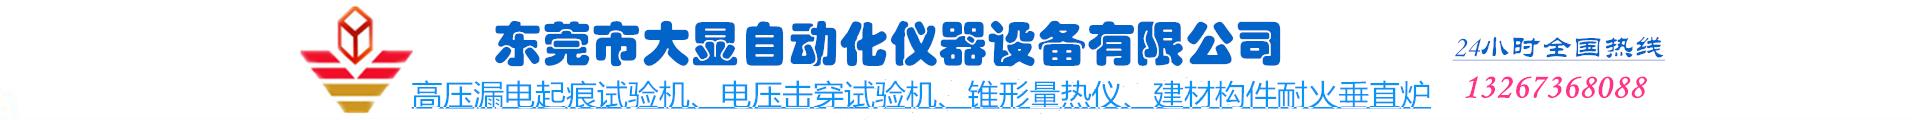 東莞市大顯自動化儀器設備有限公司